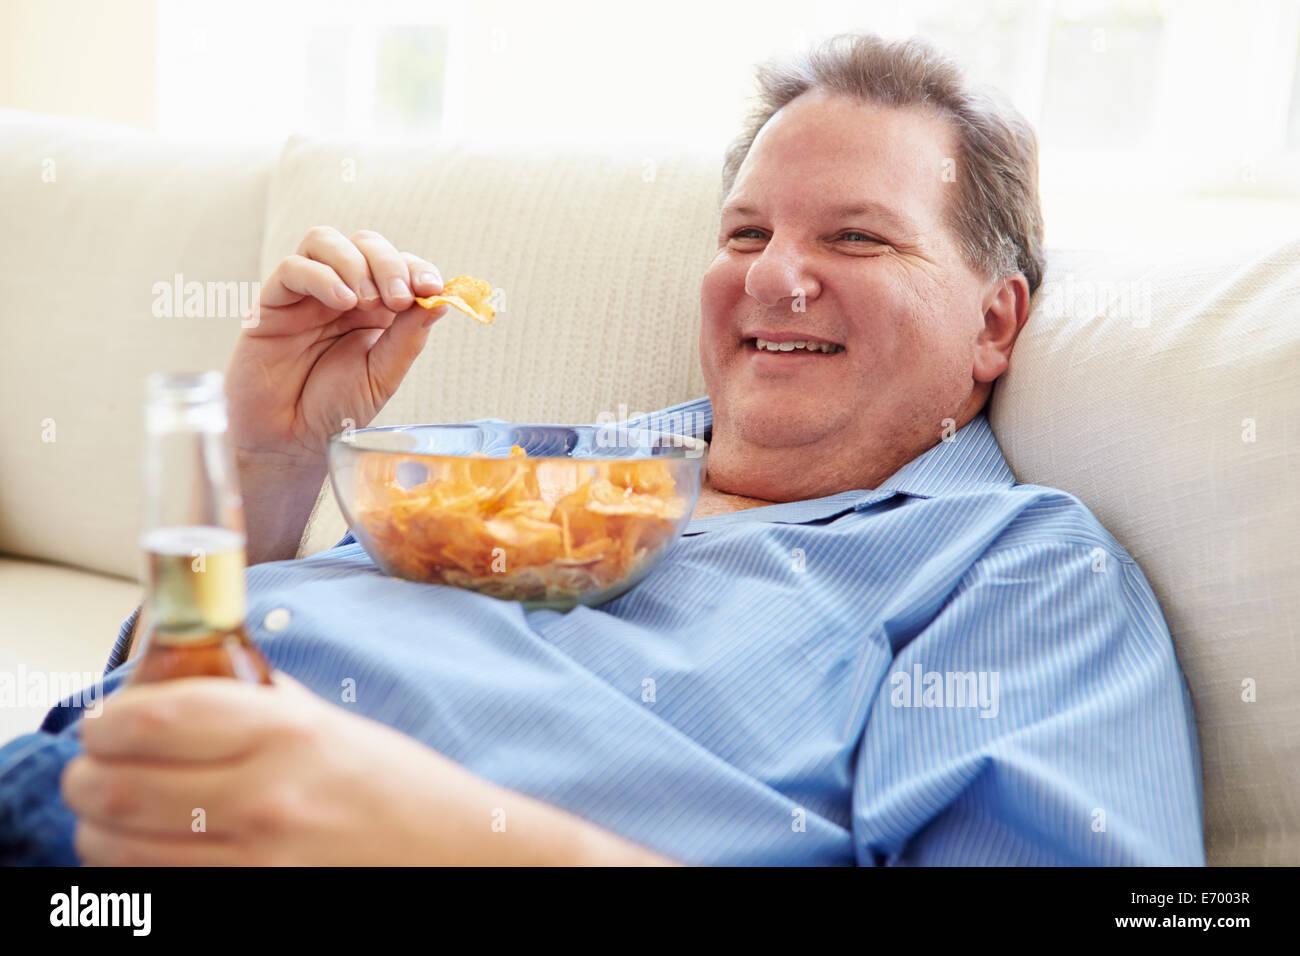 Poor People Eating Food